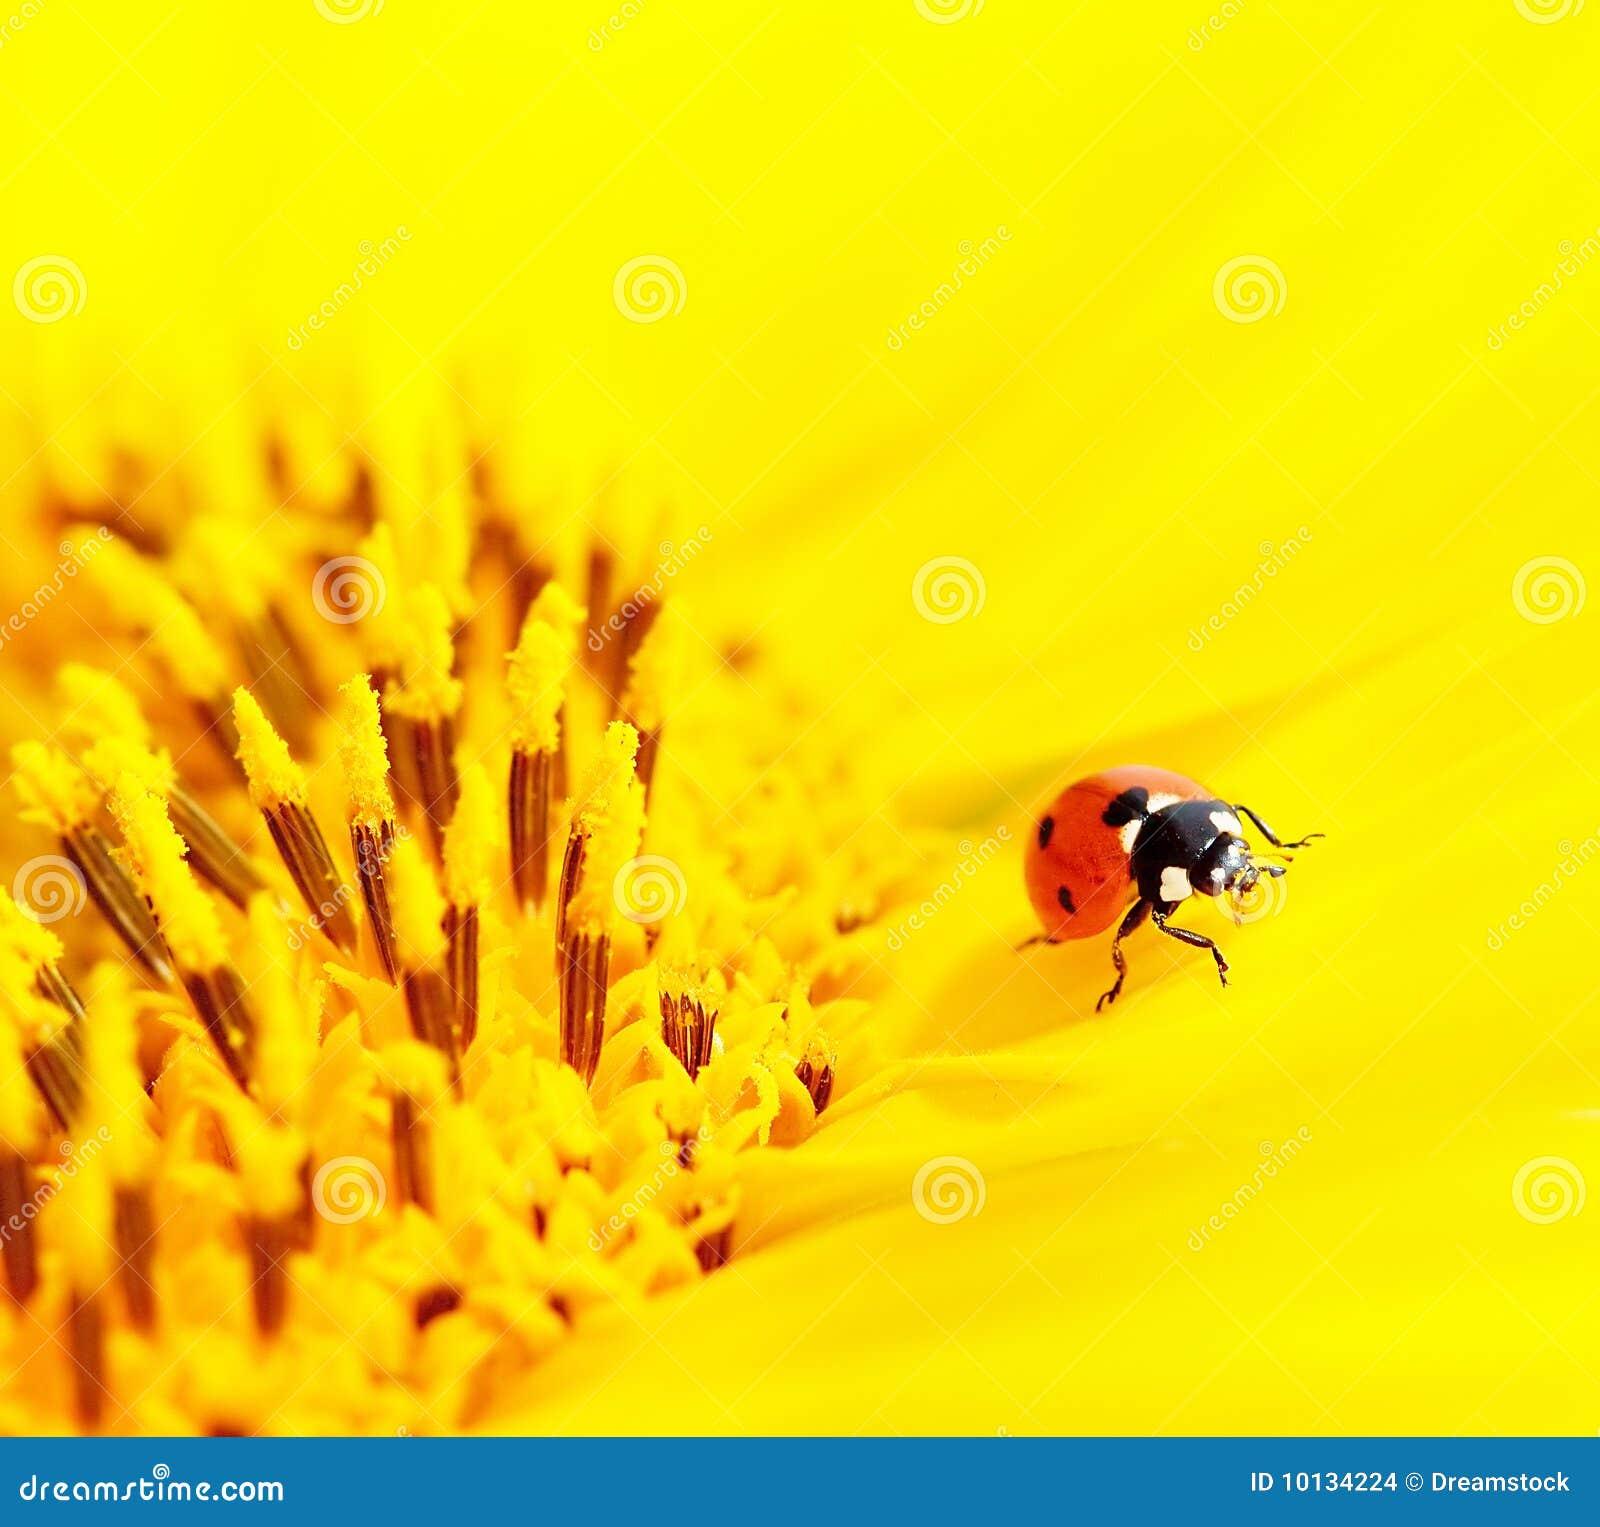 Ladybug sitting on a sunflower